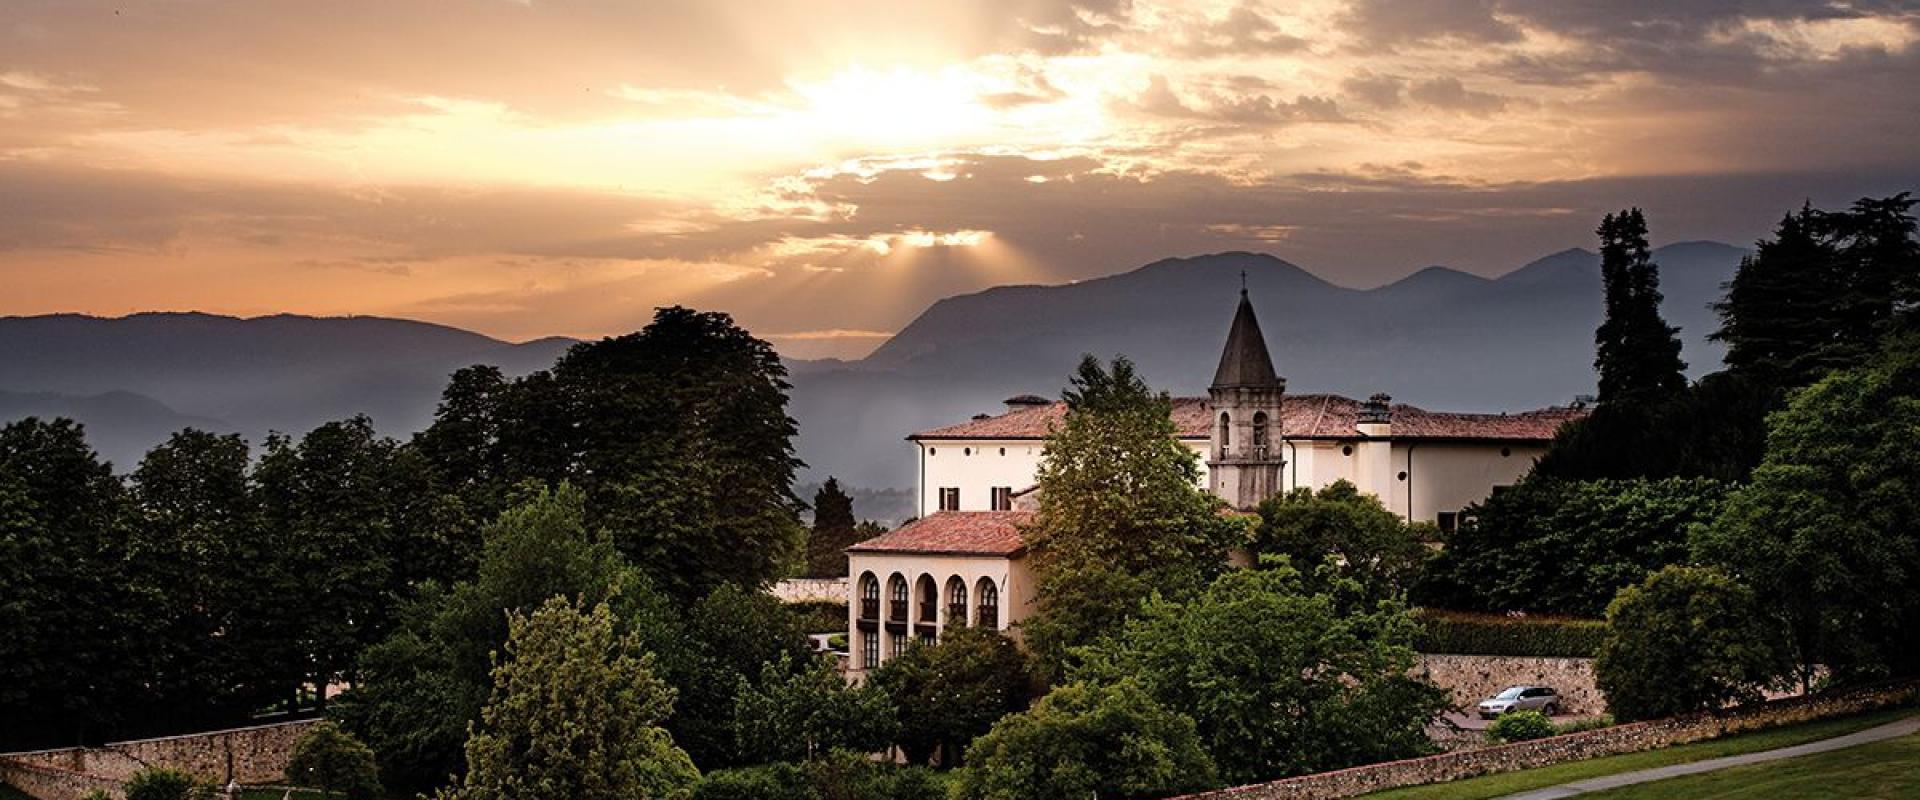 SPA and Golf Resort in Brescia area